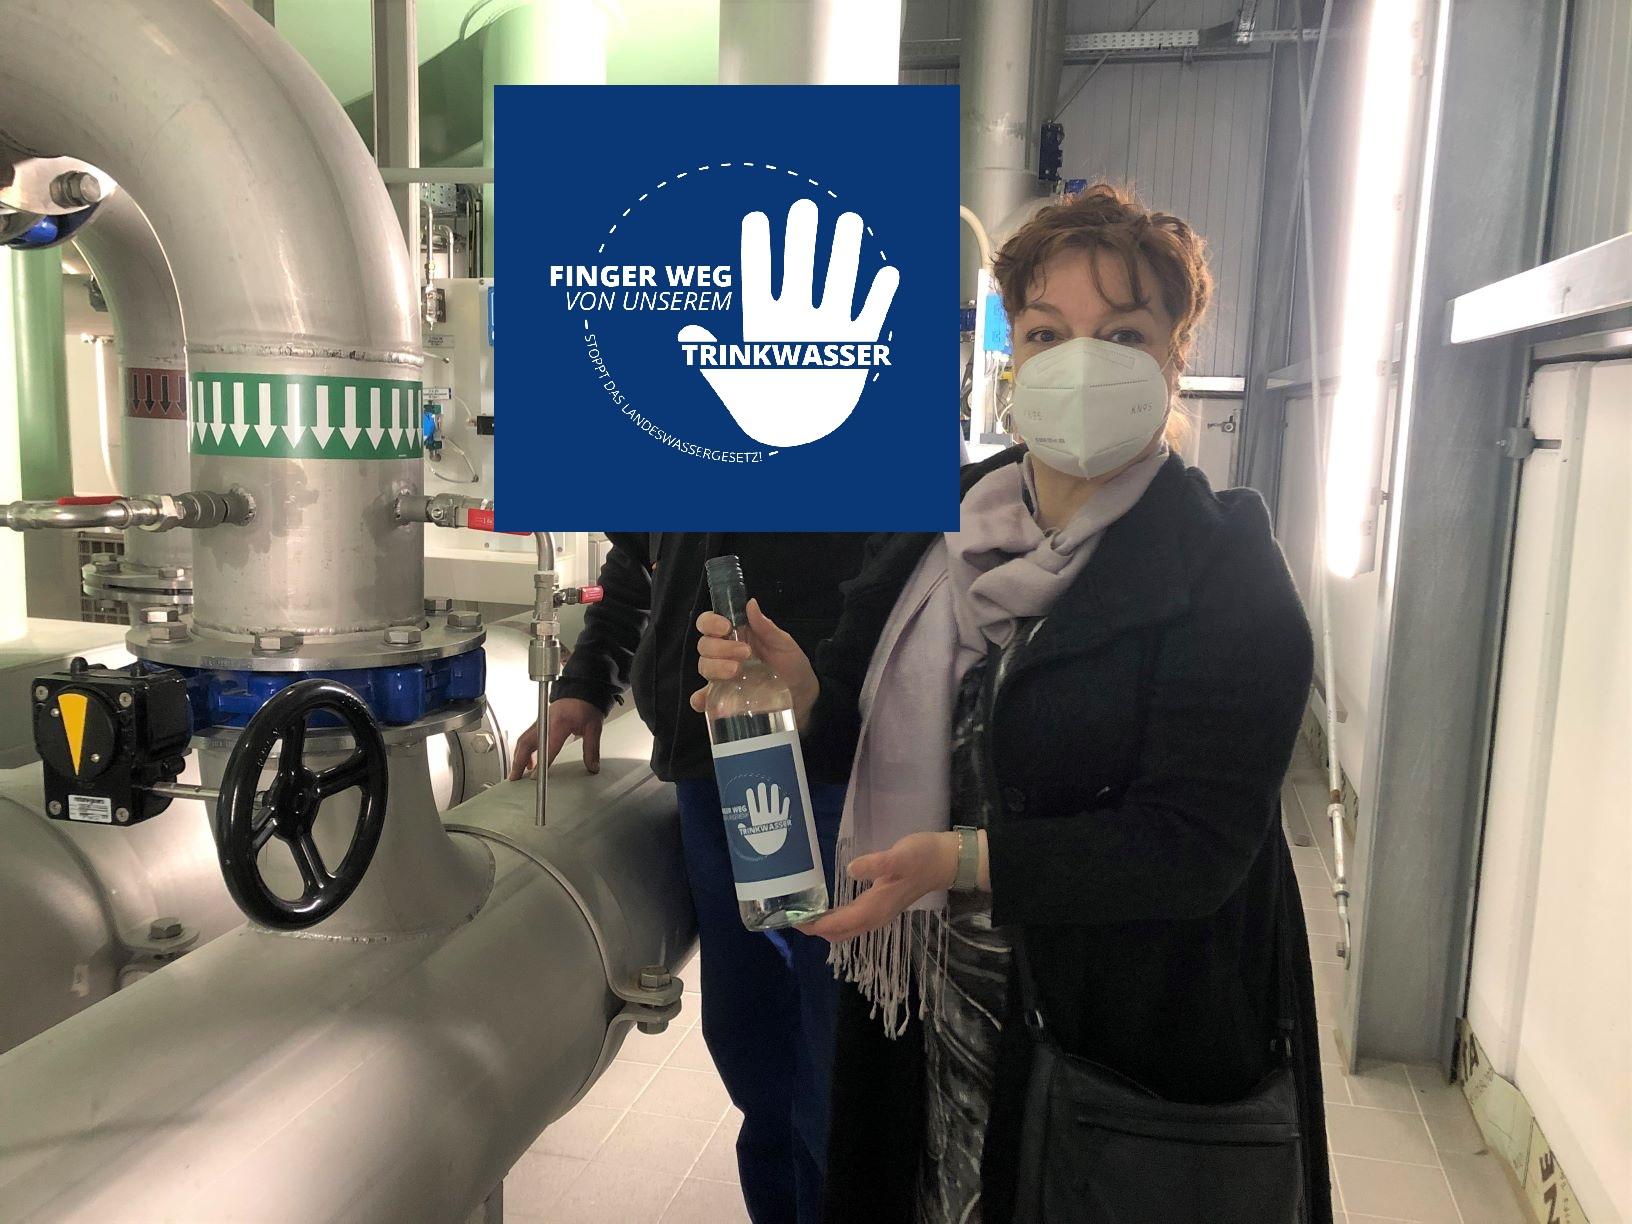 Finger weg von unserem Trinkwasser!